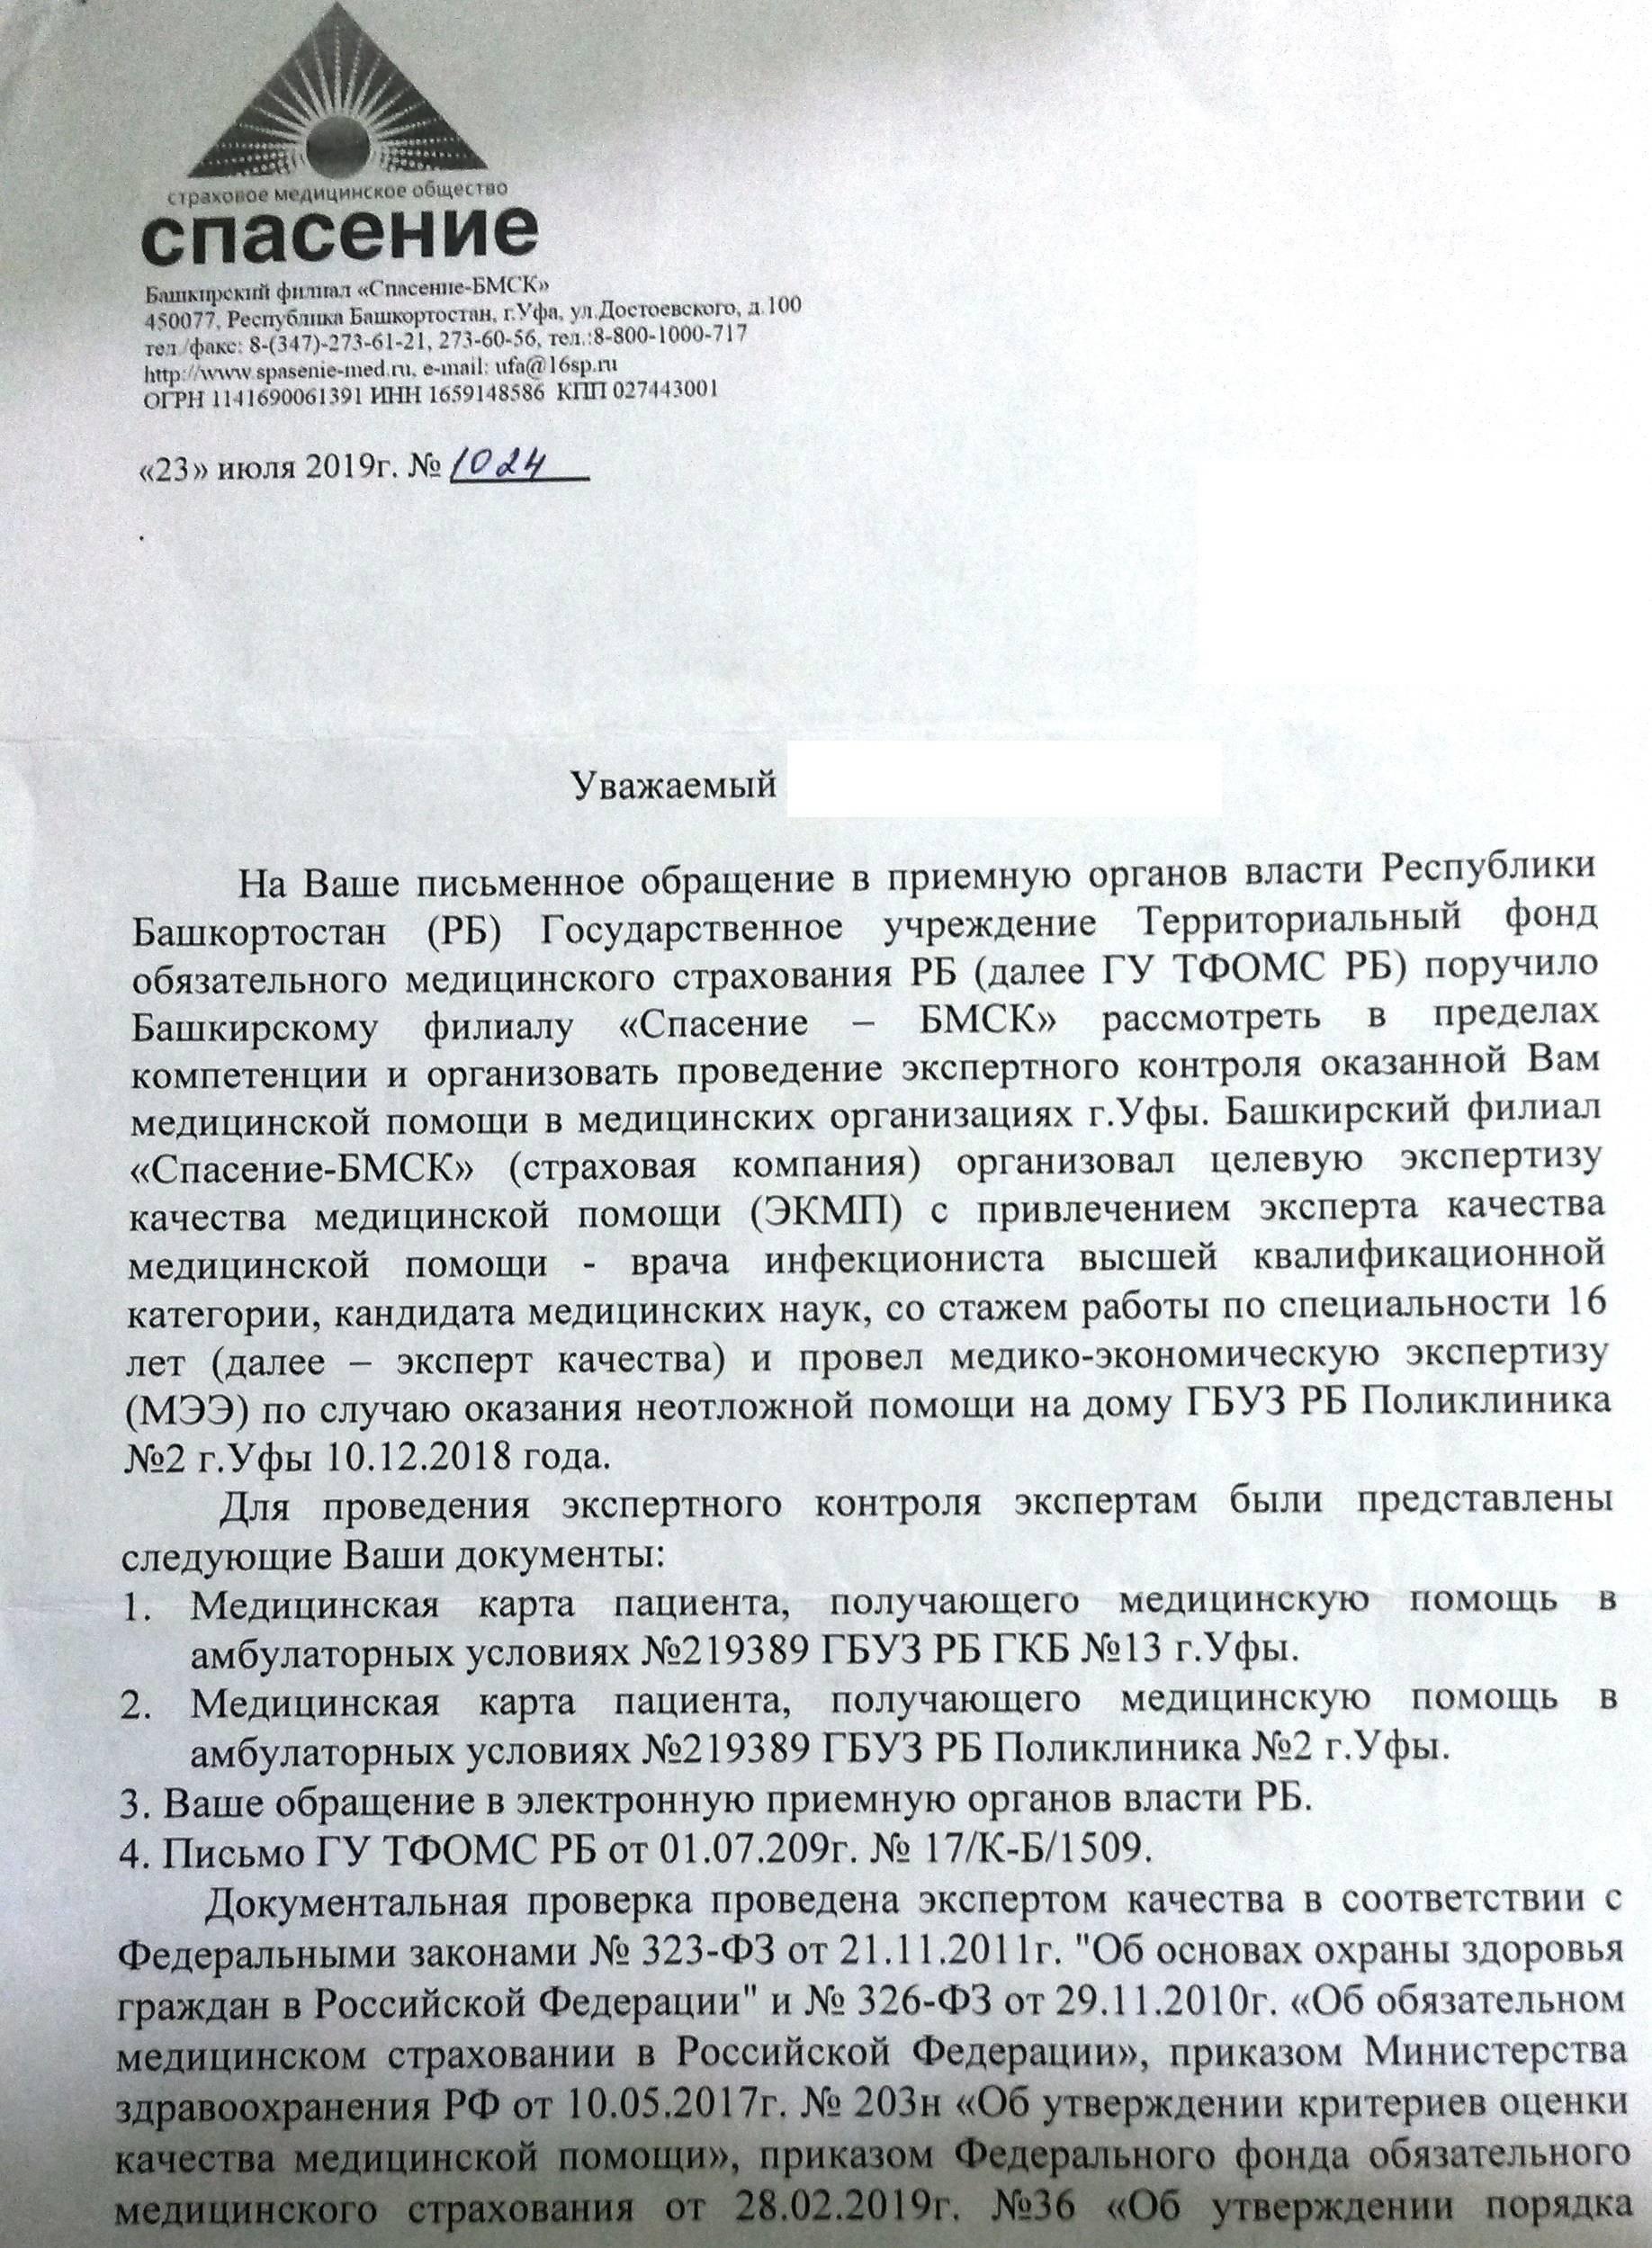 Куда сдать клеща на анализ в республике башкортостан?